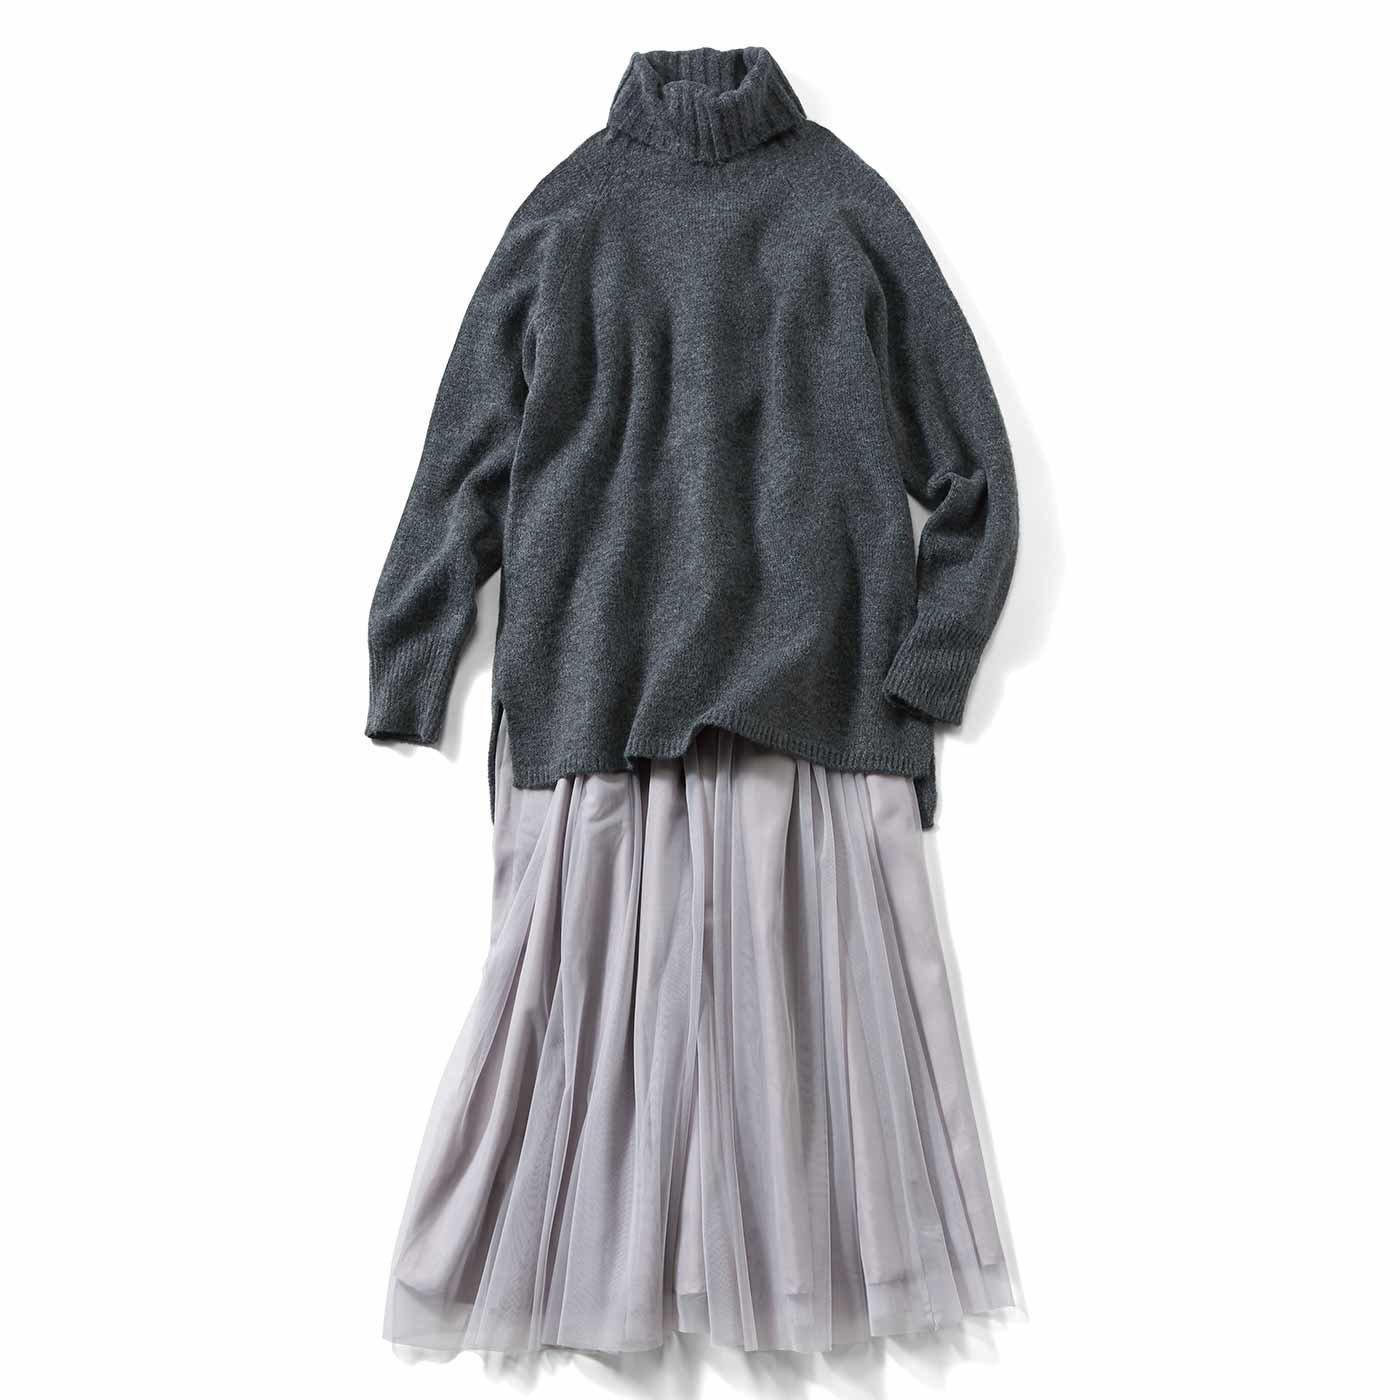 IEDIT[イディット] タートルニットとチュールスカートの華やかこなれコーディネイトセット〈グレー〉